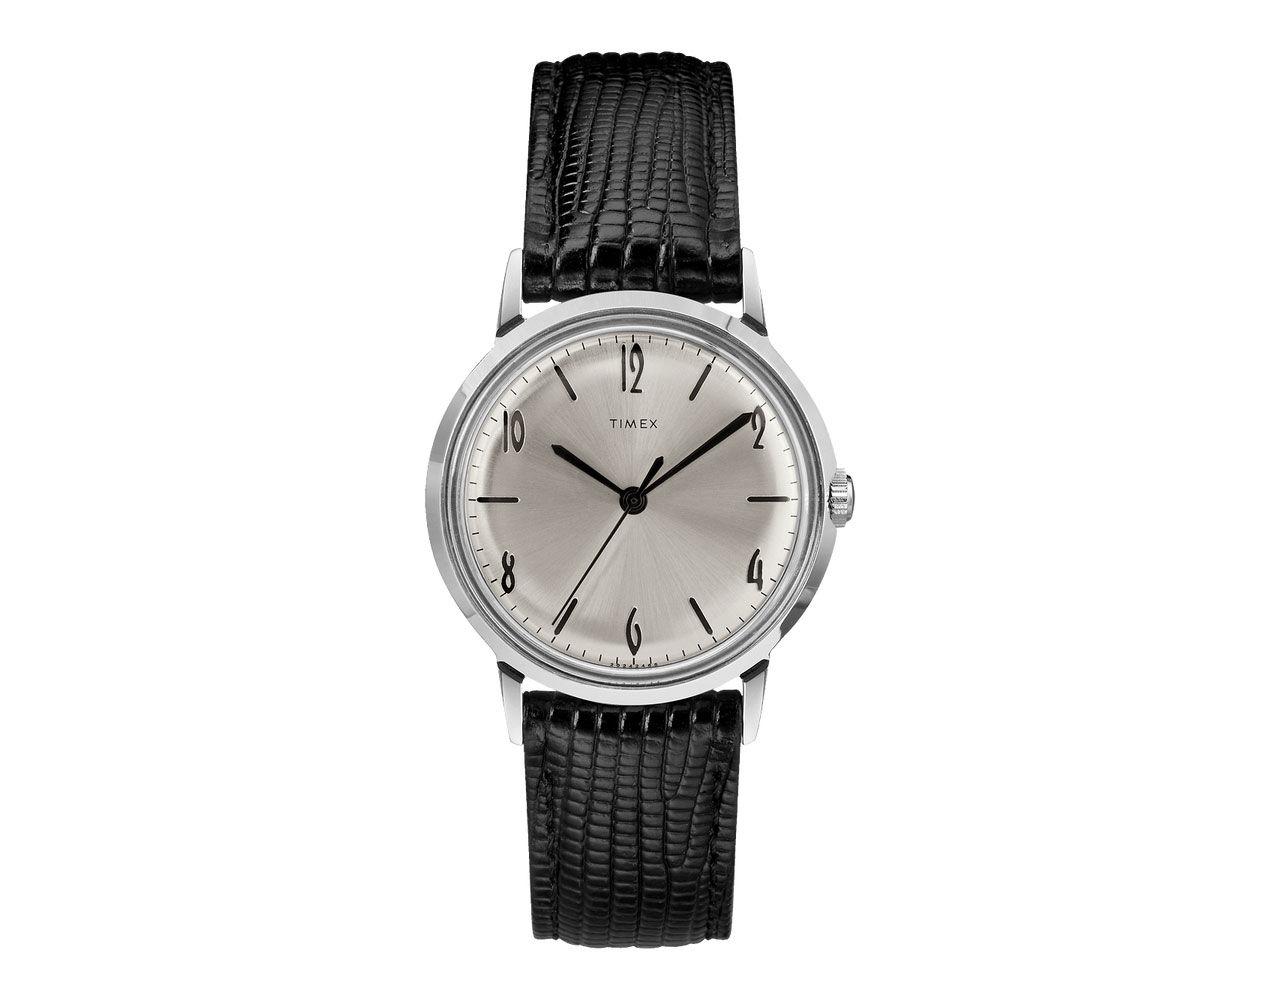 Ny automatisk klocka från Timex